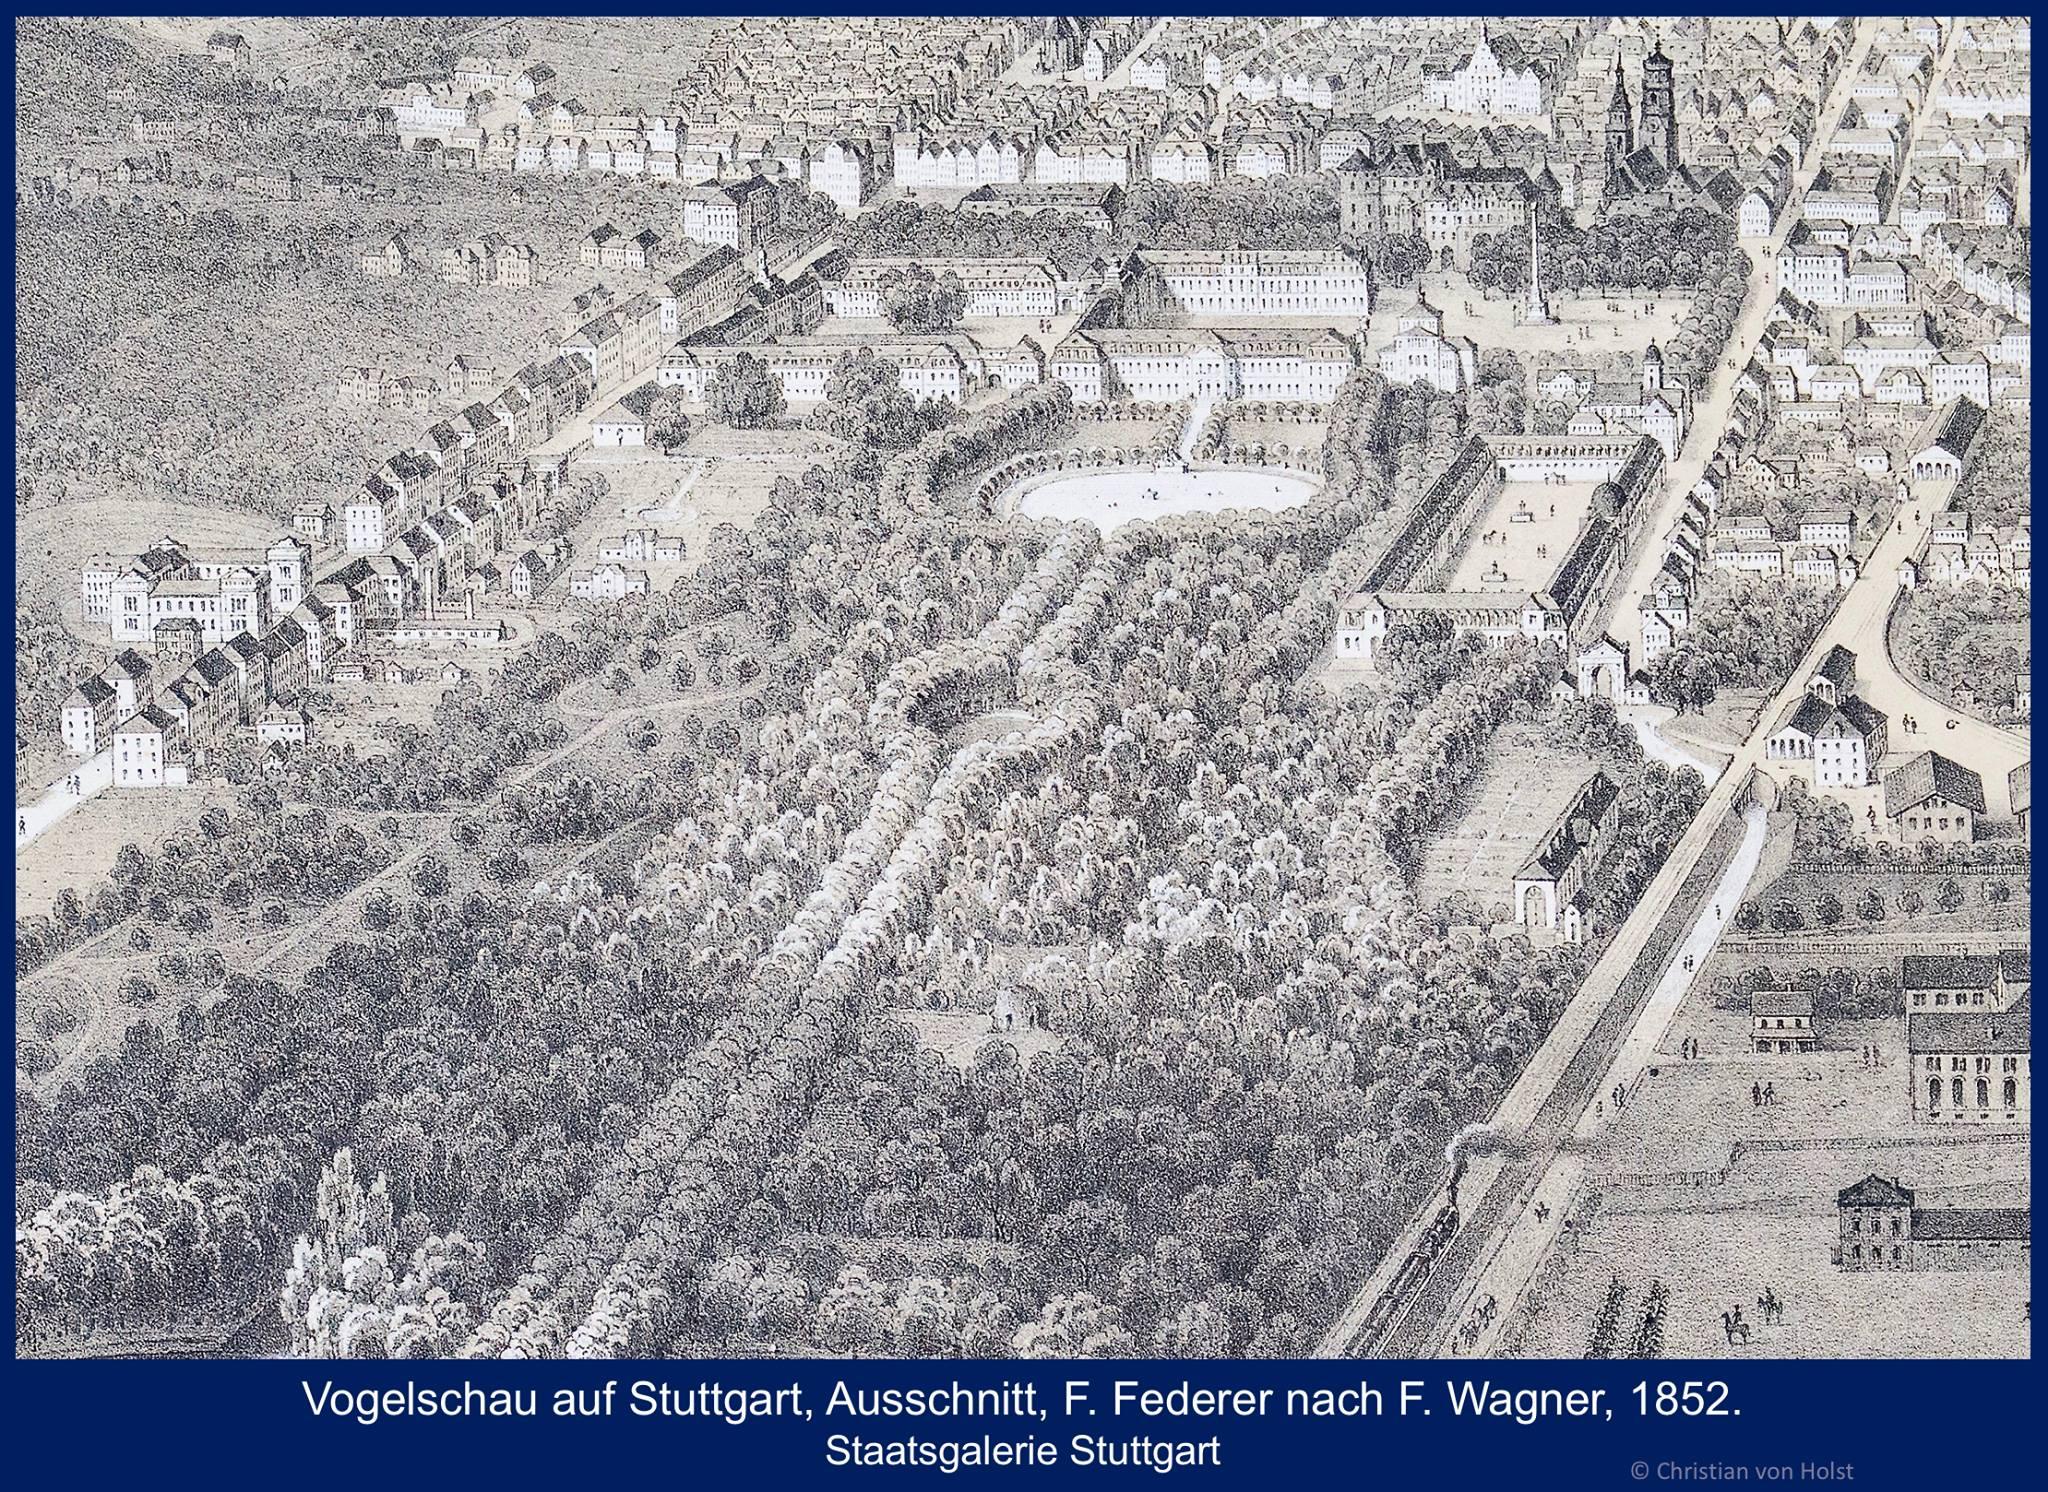 Ovalsee: Nikolaus Thouret, 1850-1941 – Vogelschau 1852